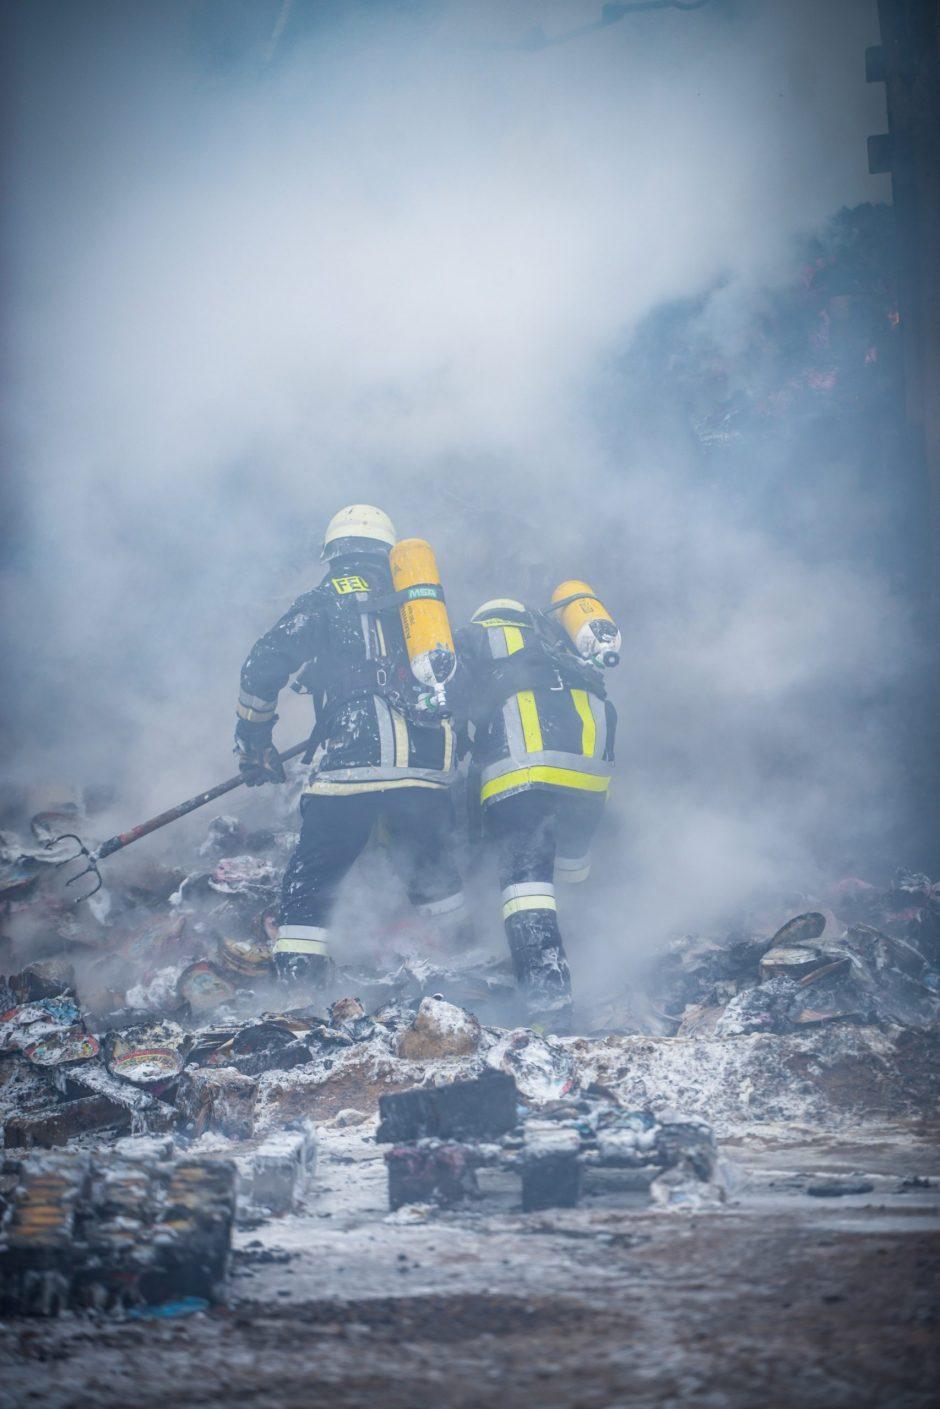 2021-07-09_Heldenhilfe_Rauch_Feuerwehr_Foto